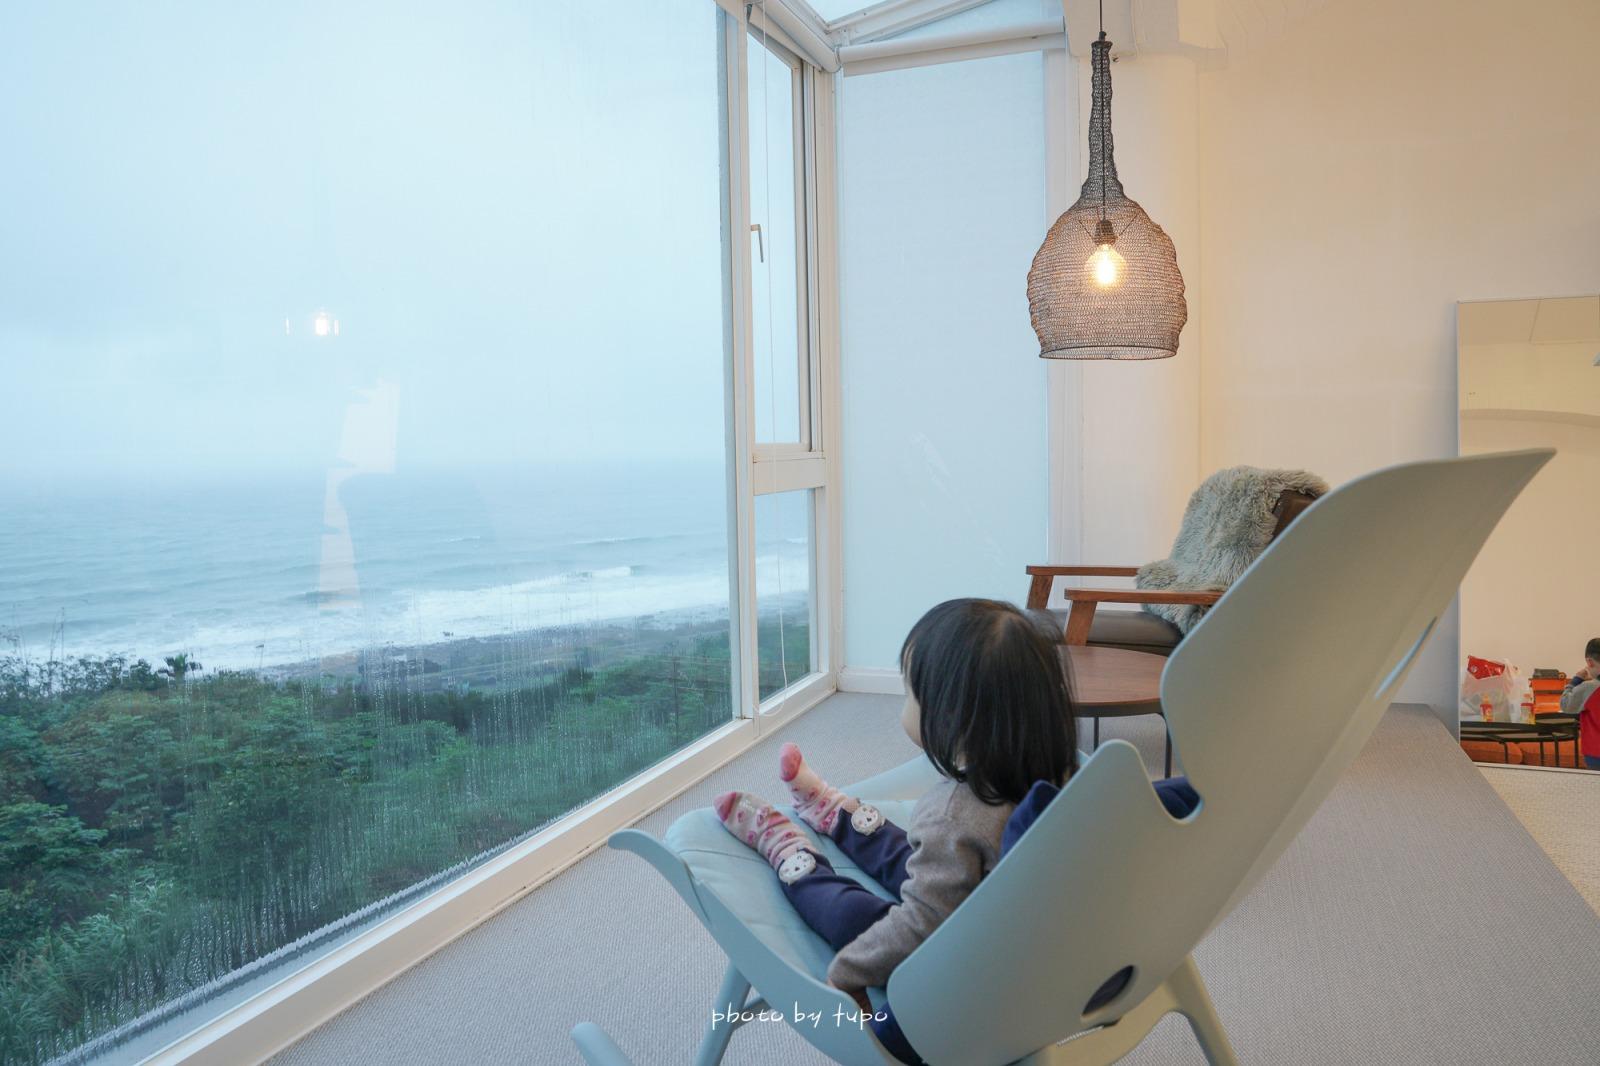 新北住宿》北海岸最美海景民宿!金山暮光民宿Twilight BnB,躺著就可以看海景,免費微醺白酒浪漫一下